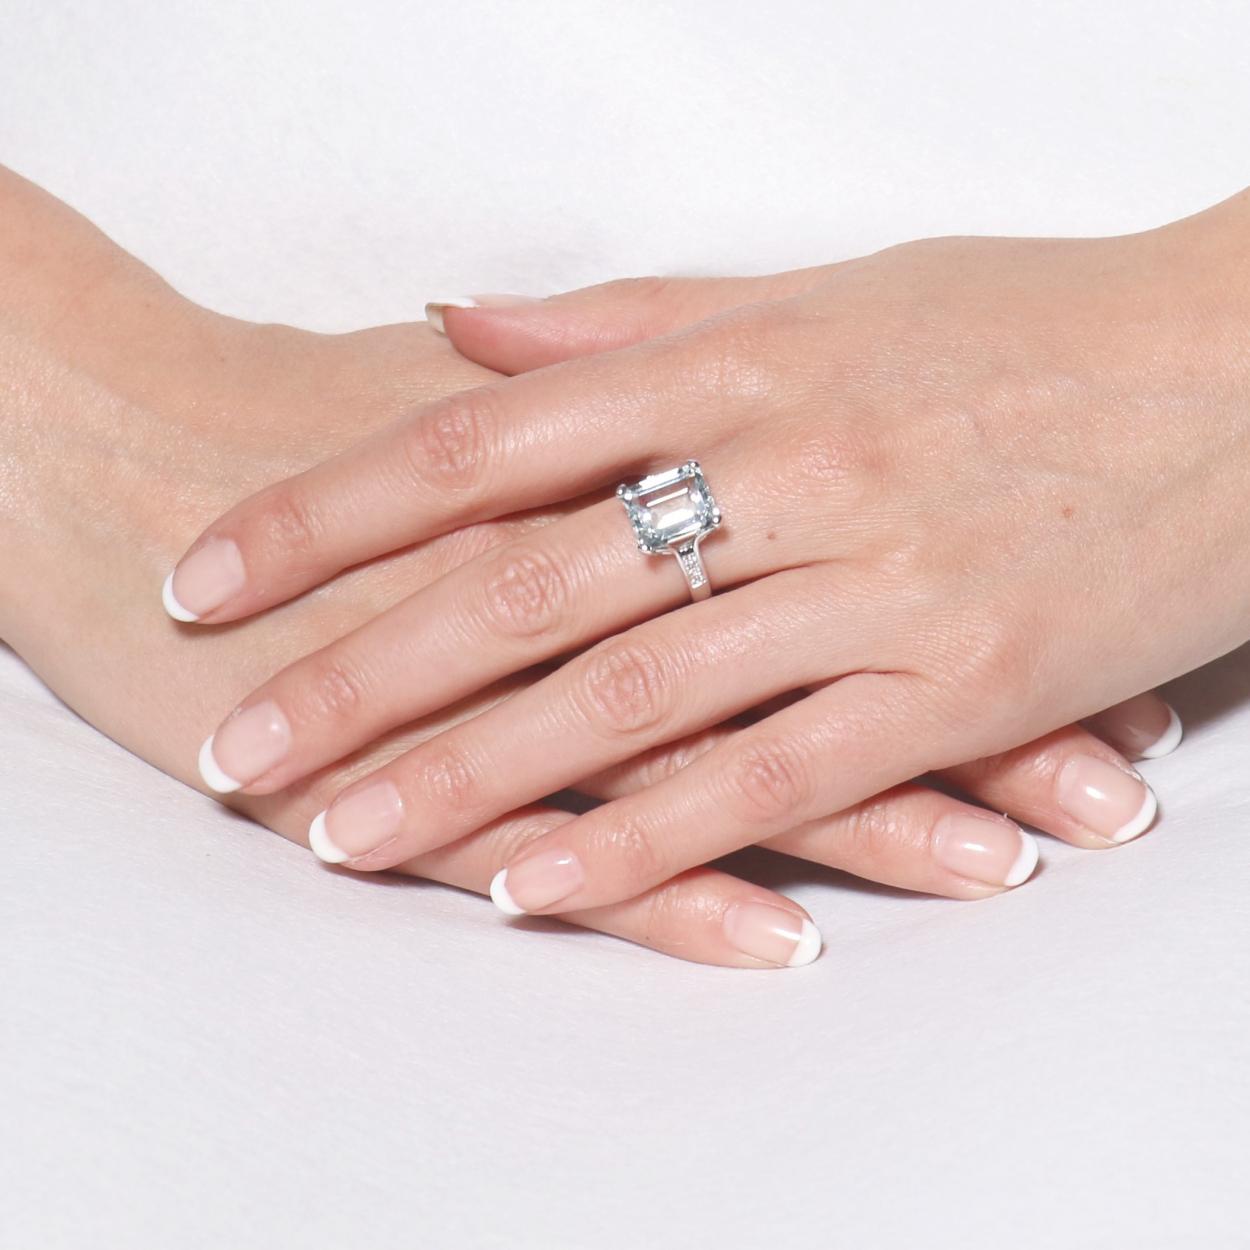 Extrêmement Bague Or Blanc 750 Aigue Marine Rectangulaire et Diamant Ref. 39242 PA42